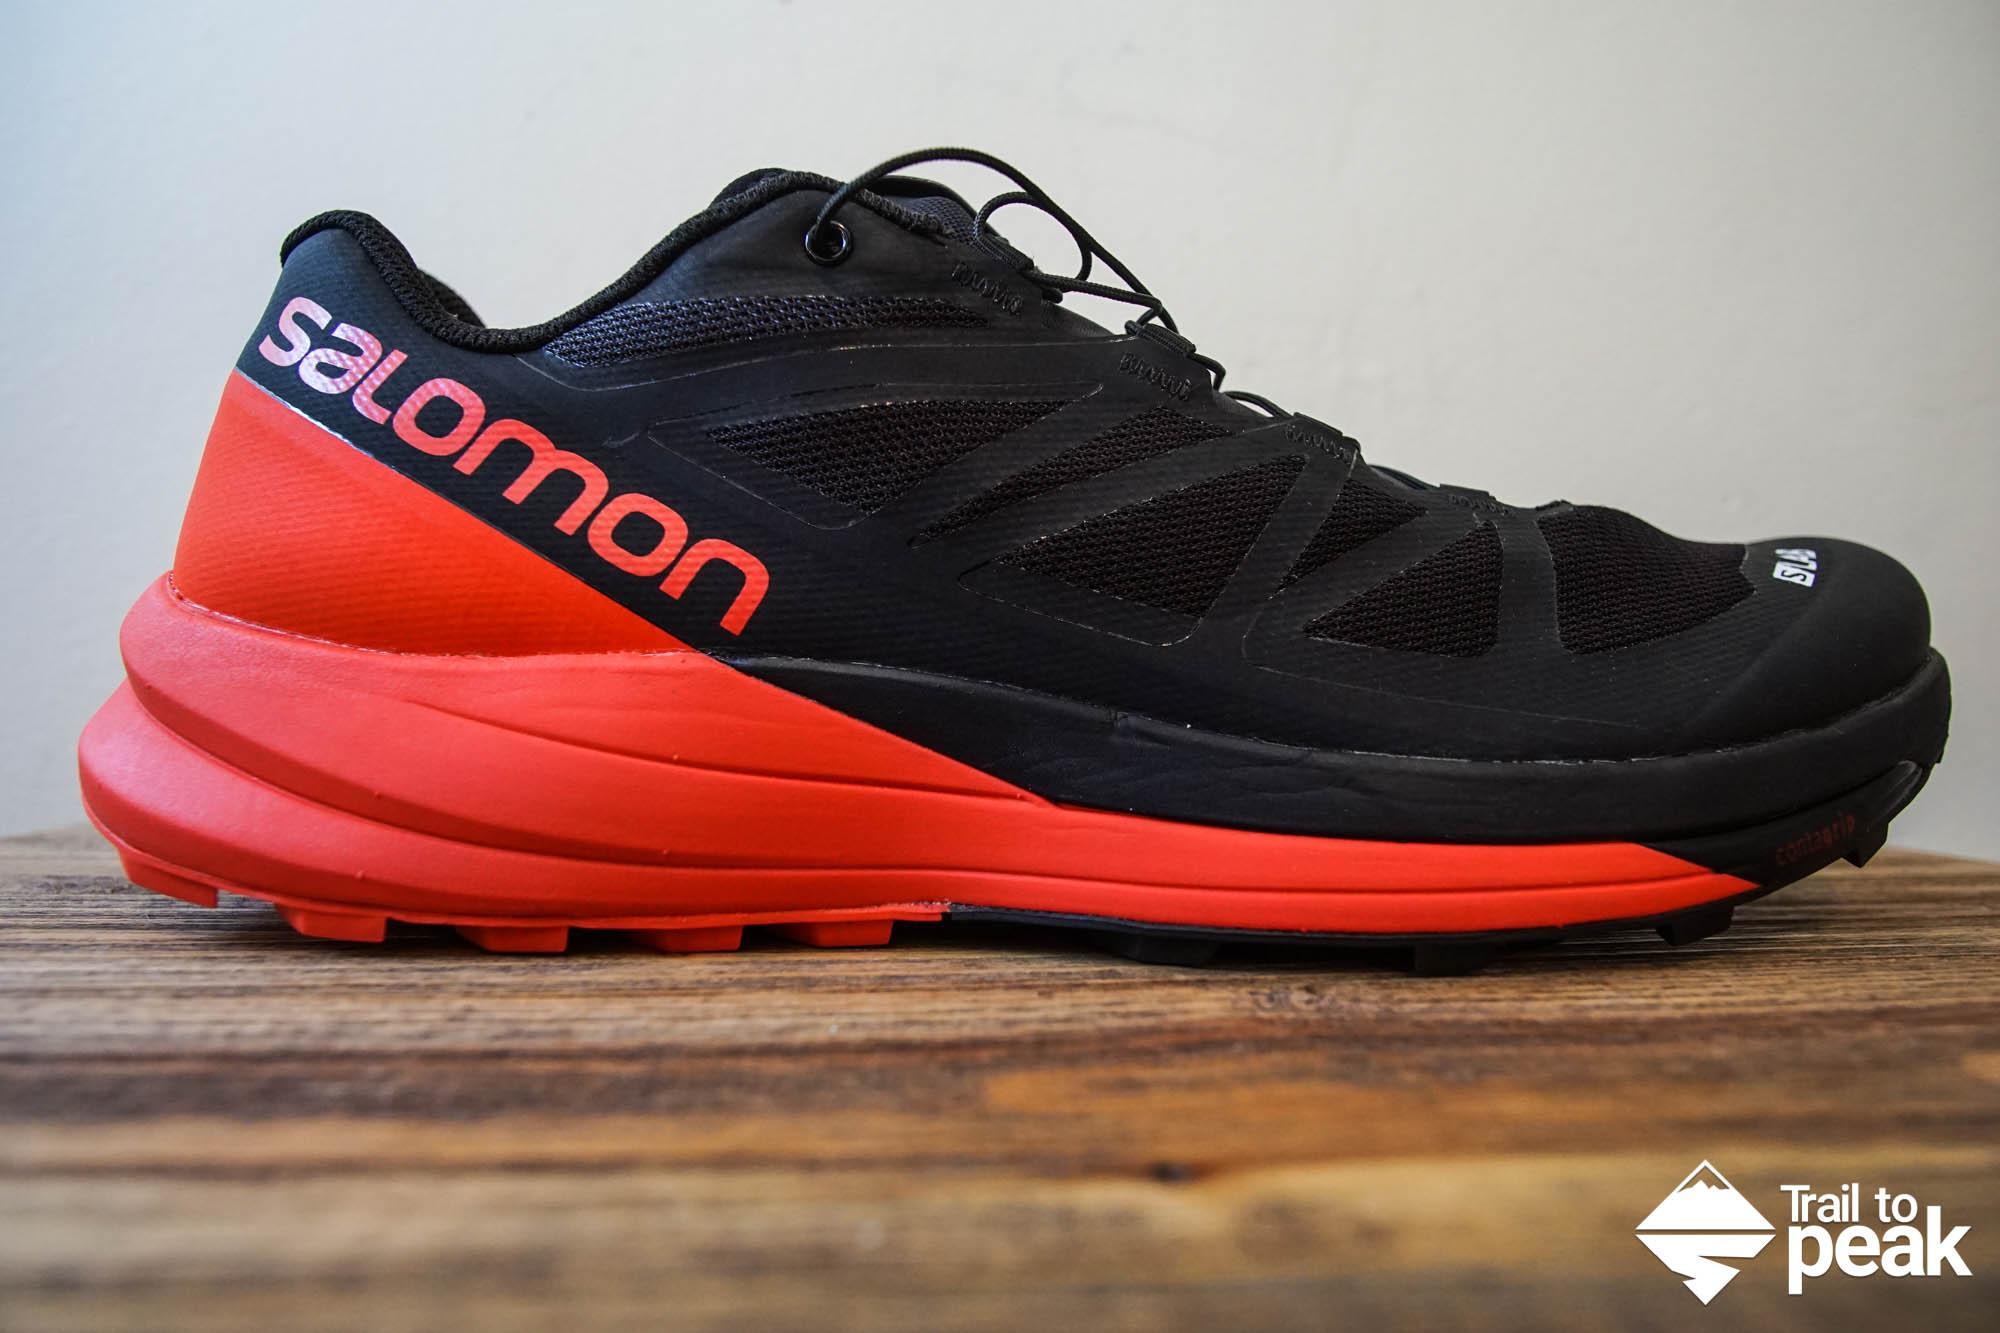 Gear Preview: Salomon S-Lab Sense Ultra